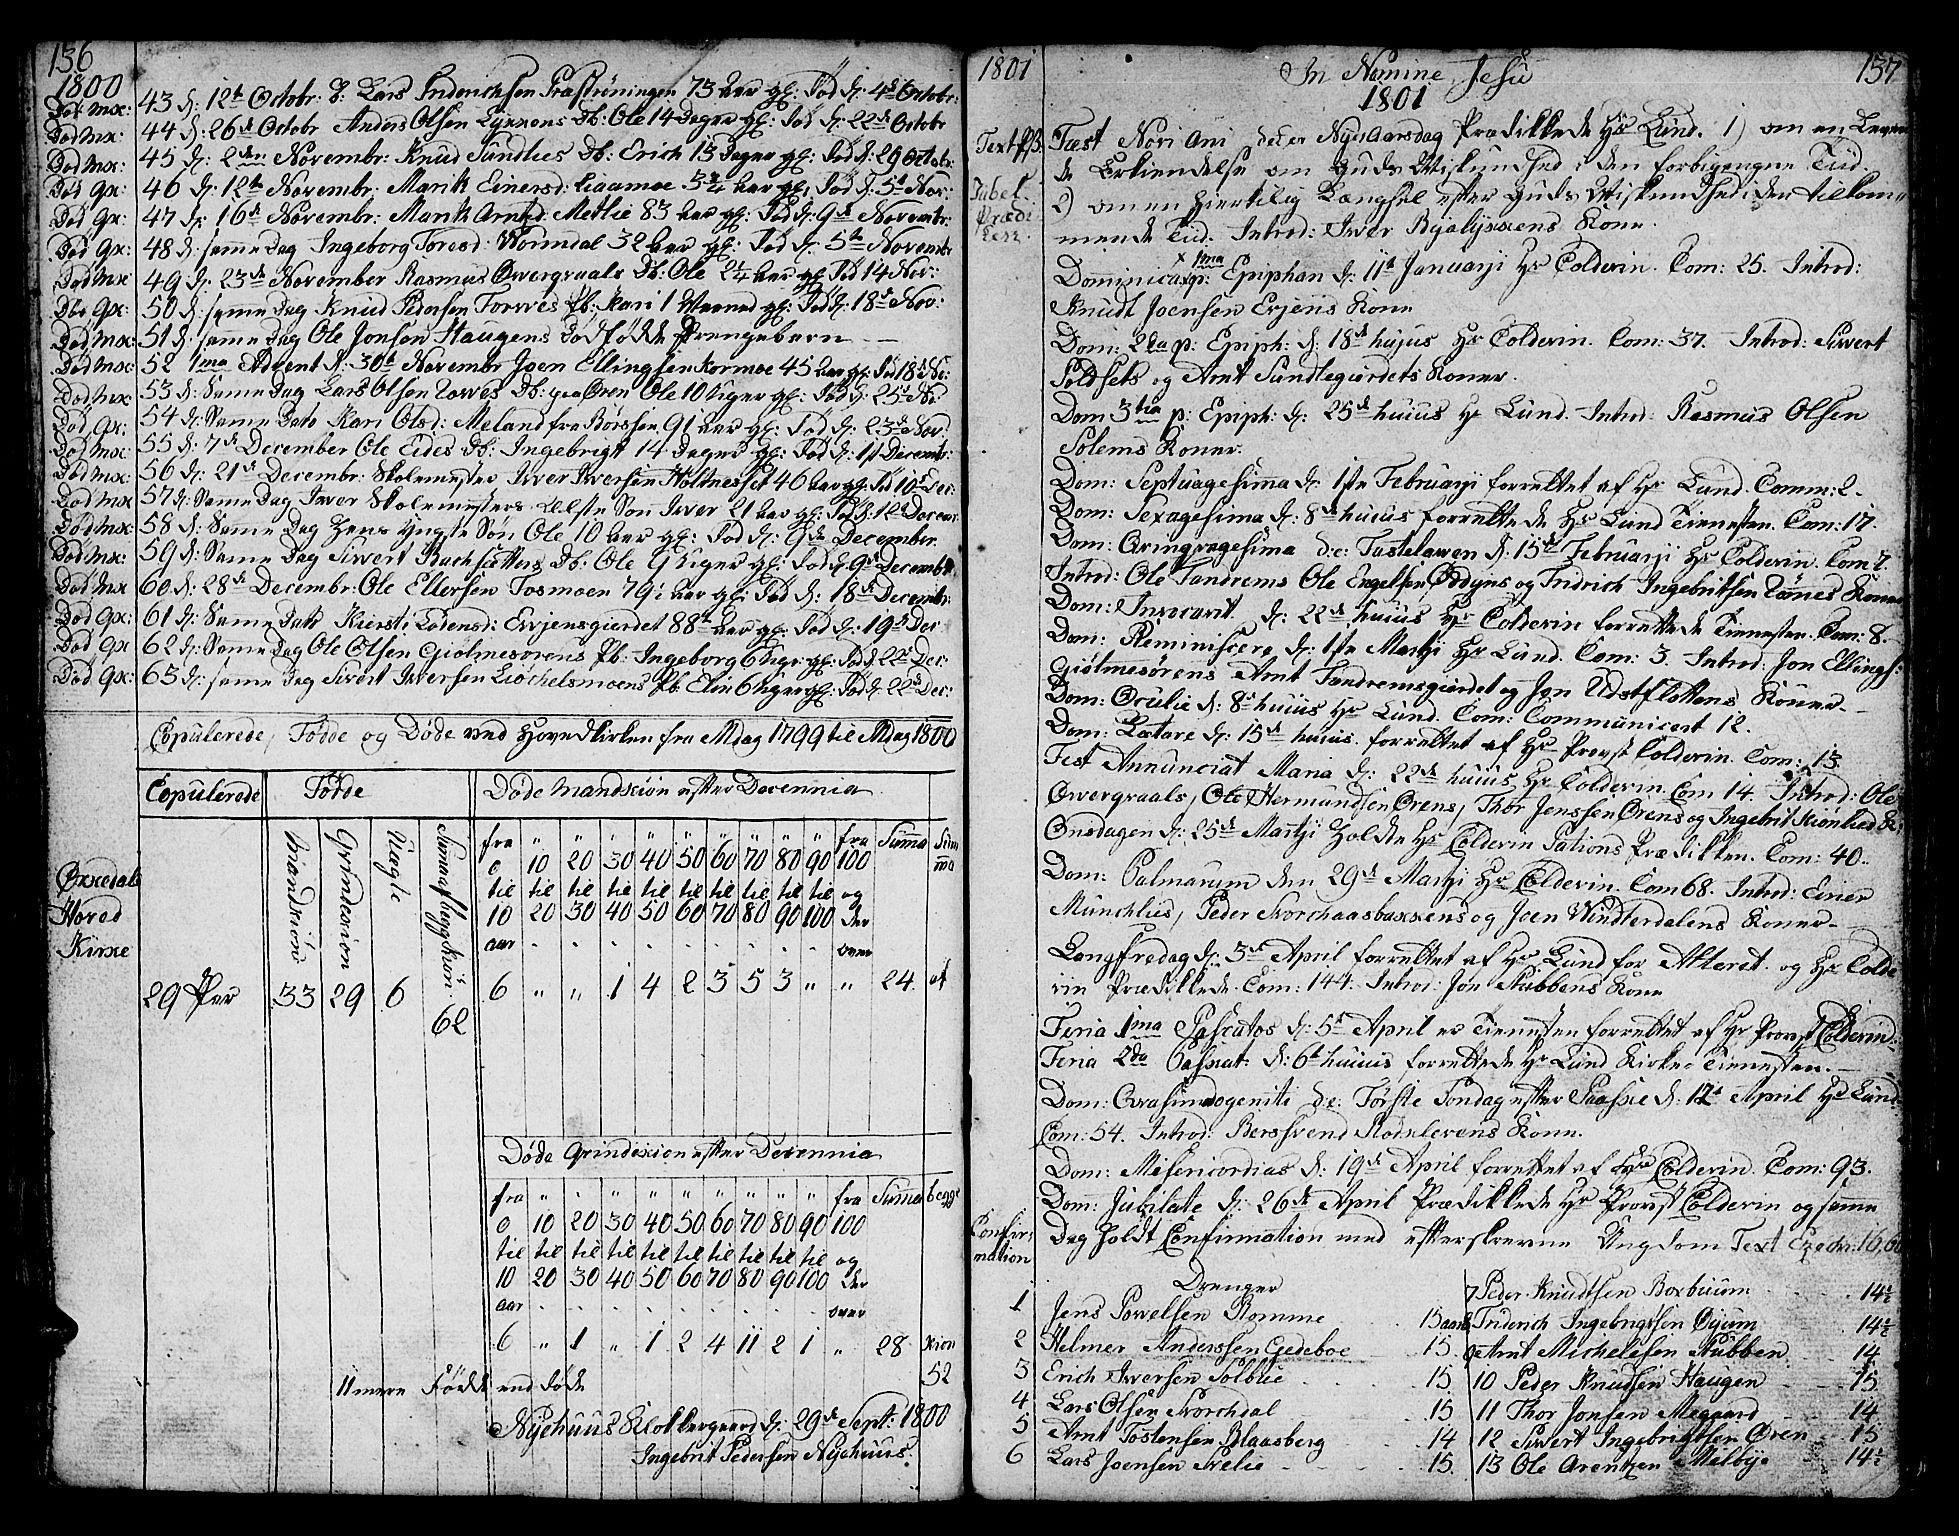 SAT, Ministerialprotokoller, klokkerbøker og fødselsregistre - Sør-Trøndelag, 668/L0815: Klokkerbok nr. 668C04, 1791-1815, s. 136-137